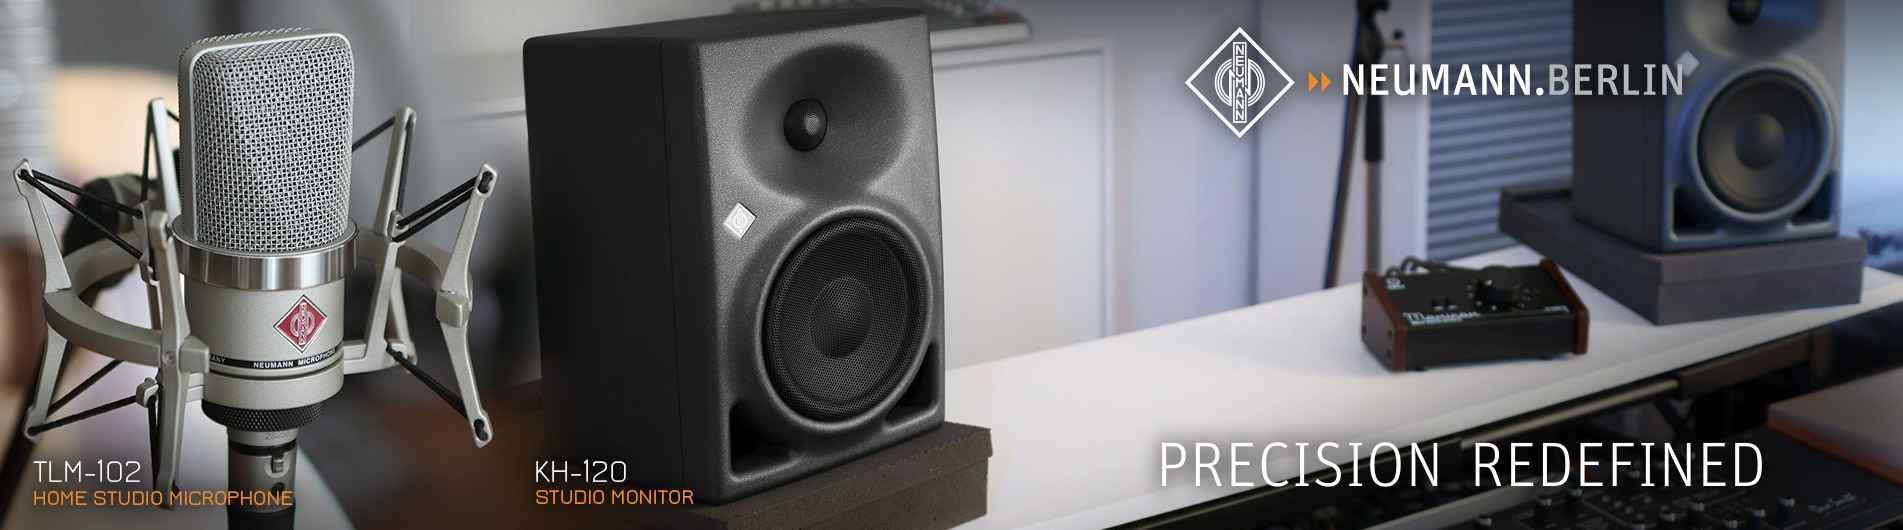 Neumann-tlm102-microfono-studio-